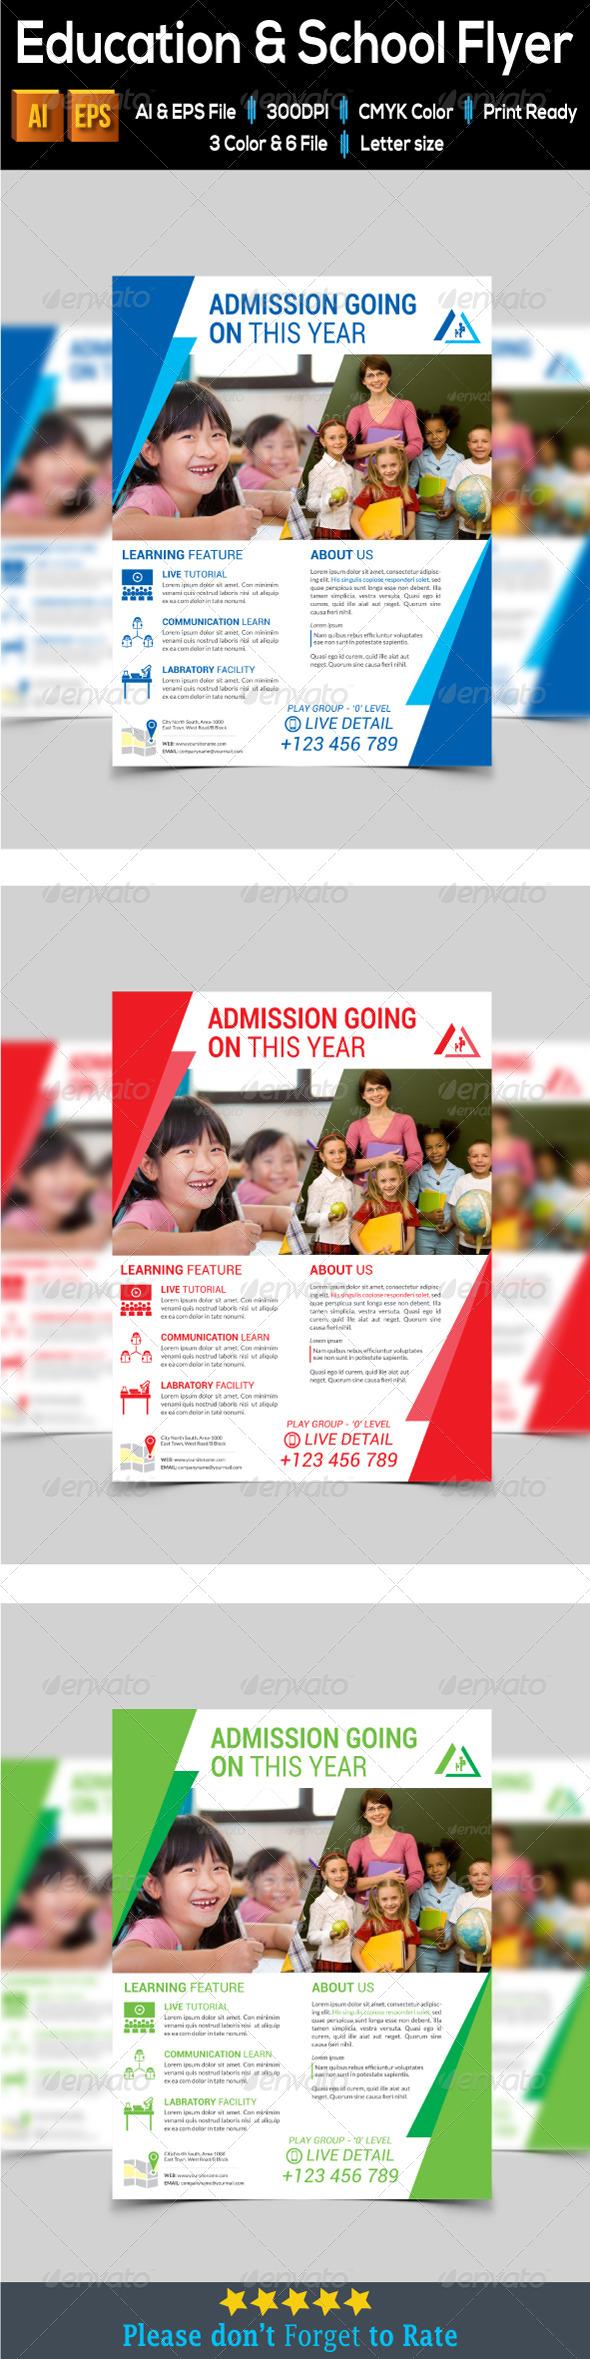 GraphicRiver Education & School Flyer 7989589